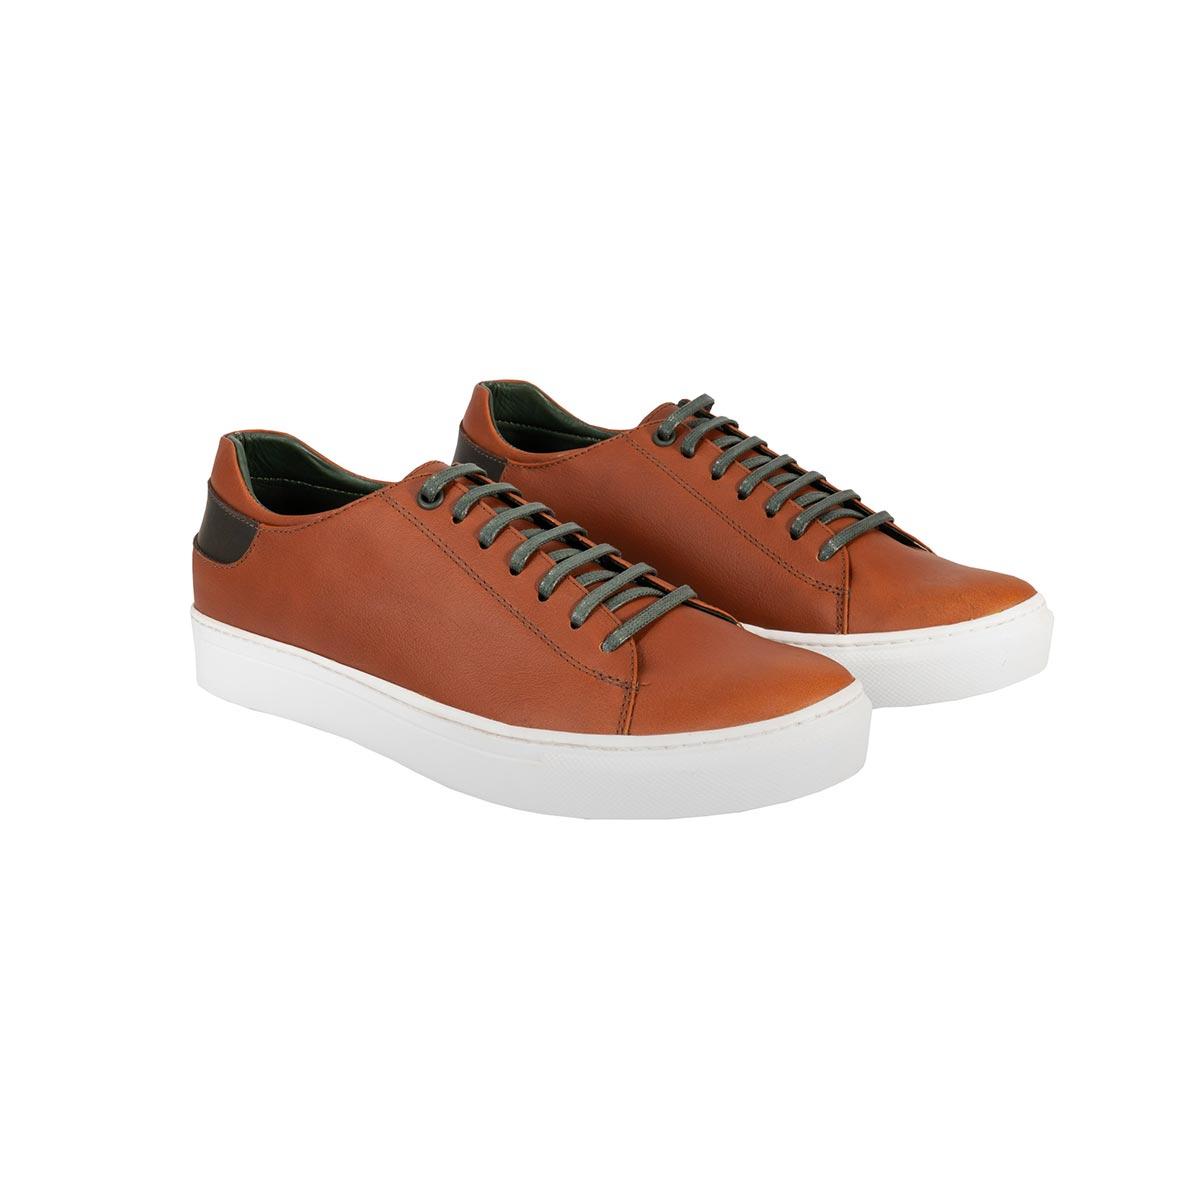 075-zapato-composition